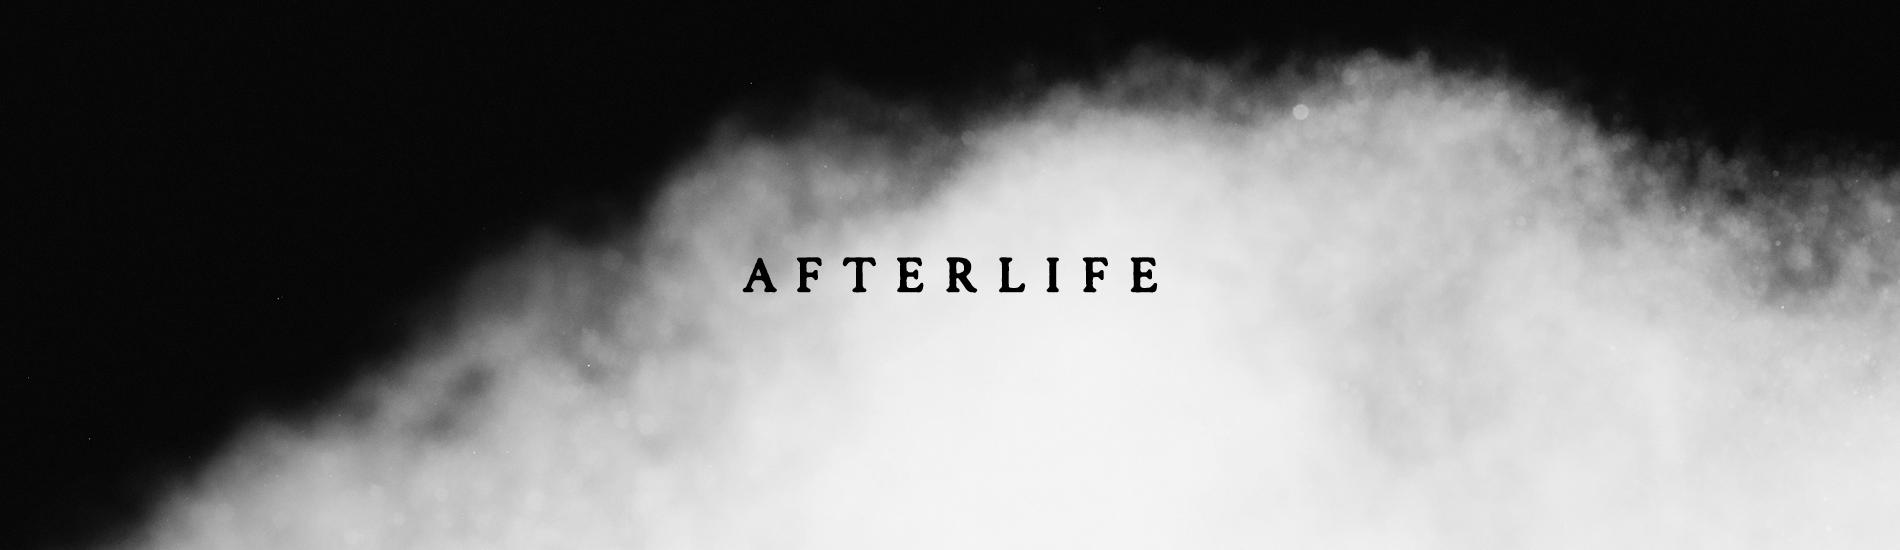 Afterlife London 2018, 24th November 2018